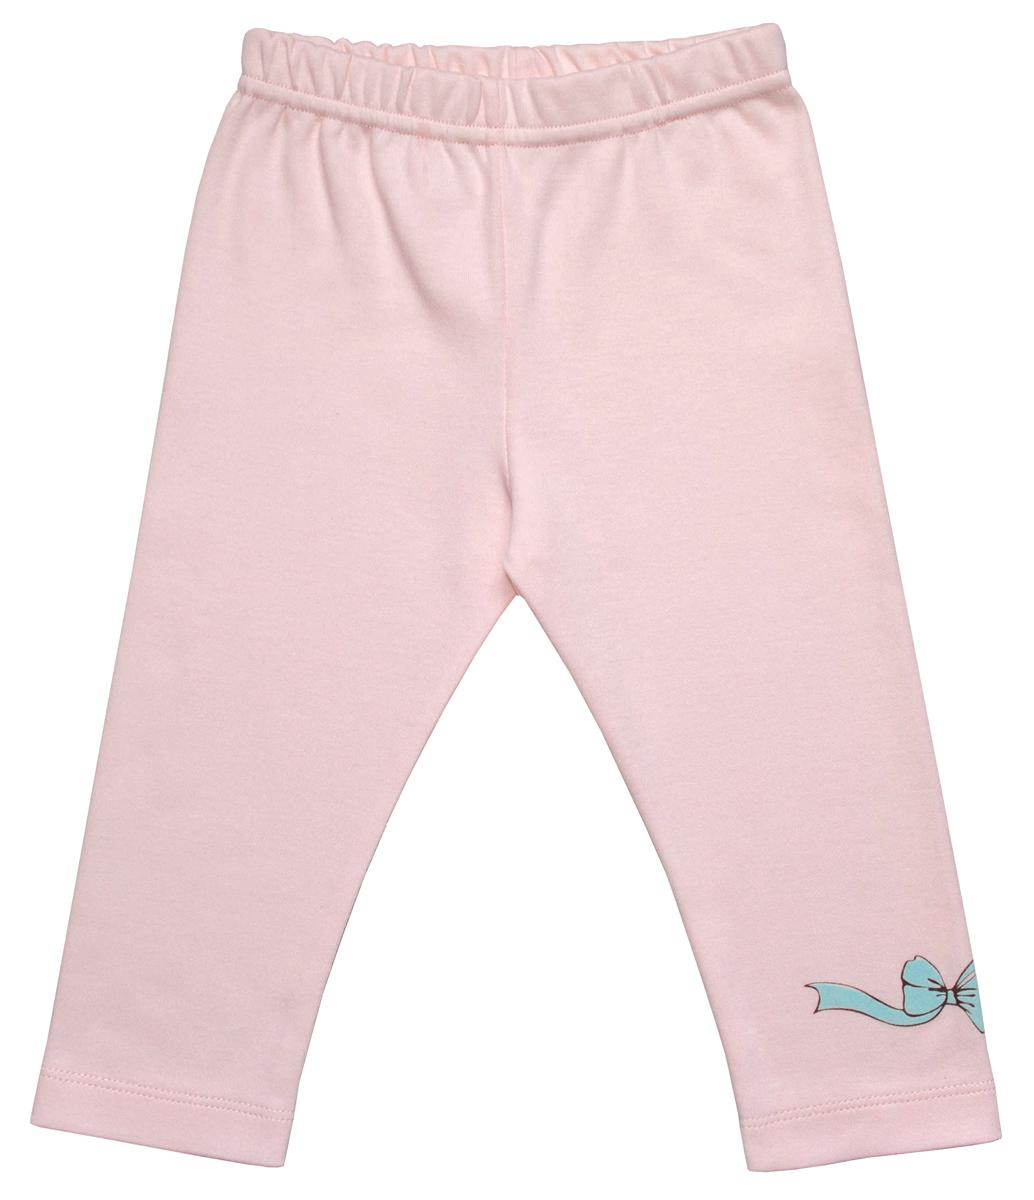 Брюки Мамуляндия брюки для девочки мамуляндия прогулка по облакам цвет розовый 17 1412 размер 68